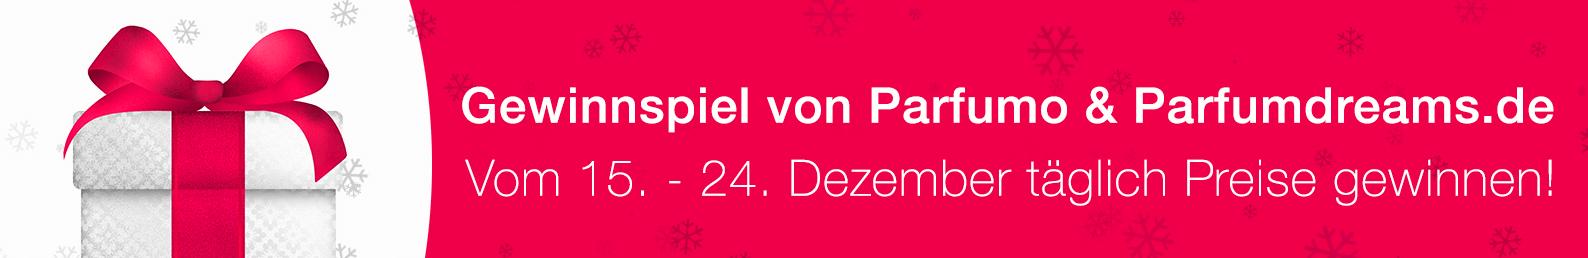 Weihnachtsgewinnspiel 2017 von Parfumdreams & Parfumo